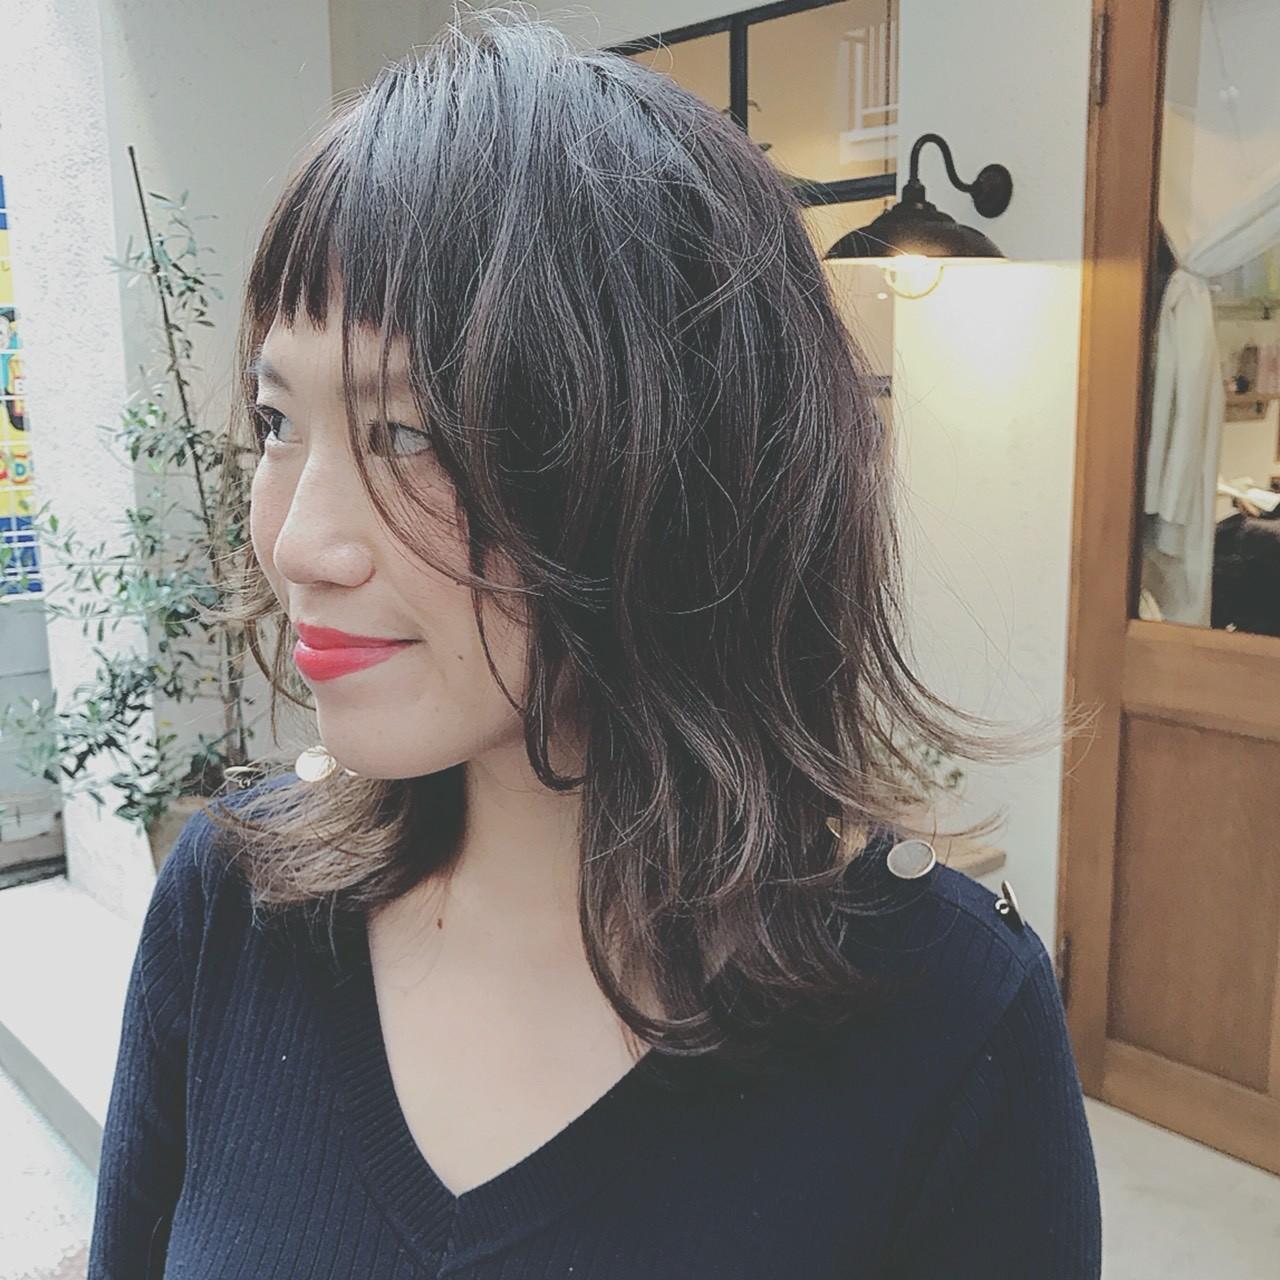 抜け感 ナチュラル ミディアム デート ヘアスタイルや髪型の写真・画像 | 浦川由起江 / nanon